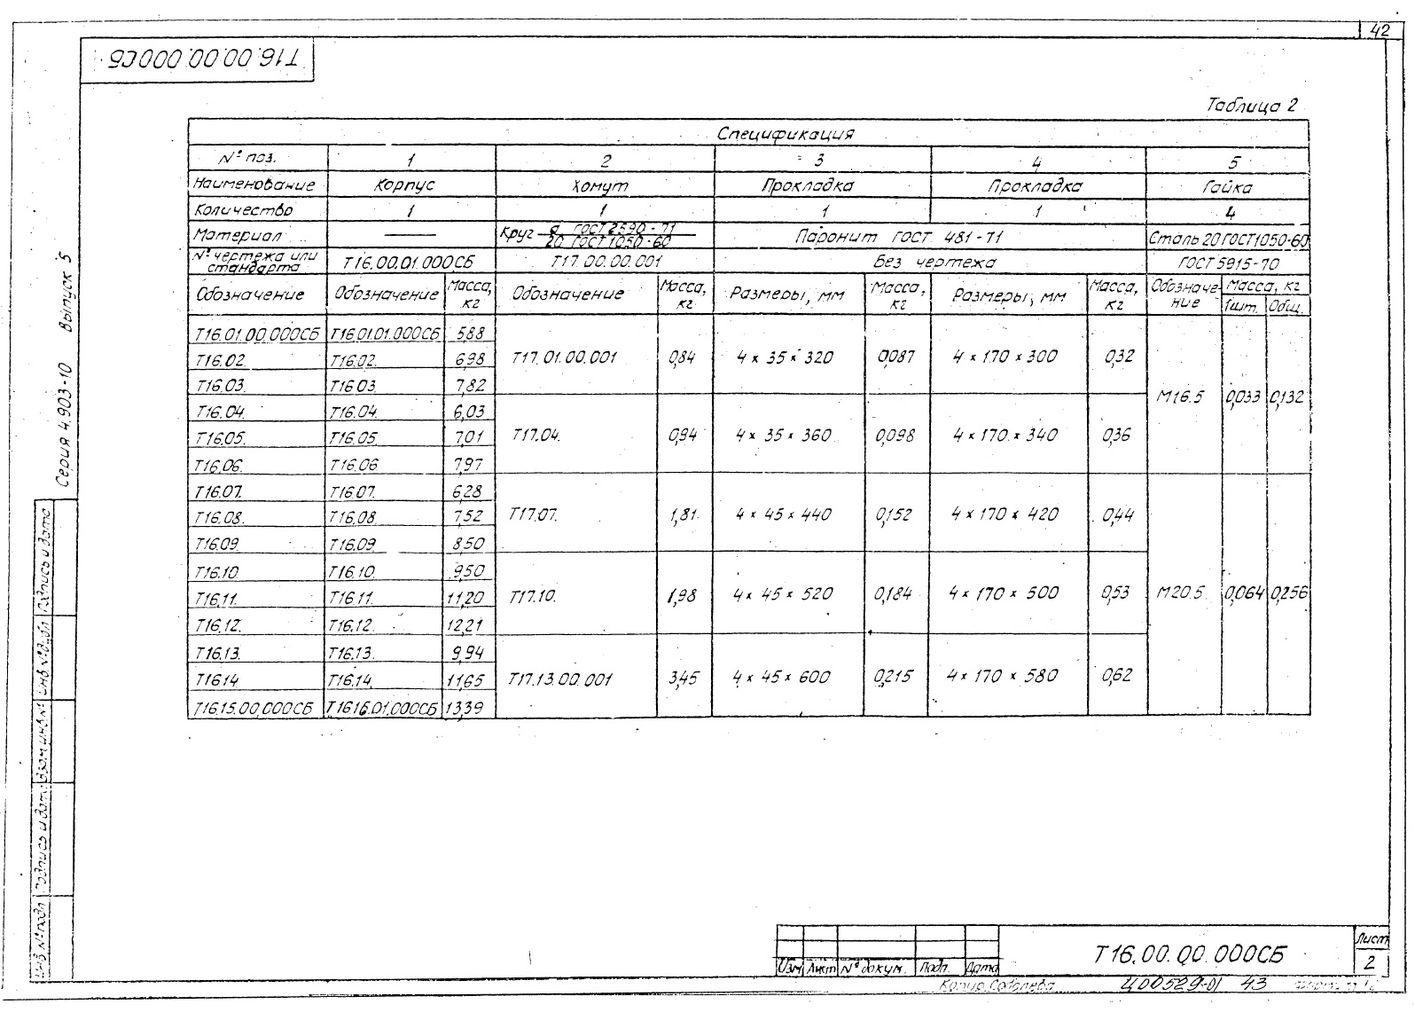 Опоры скользящие диэлектрические Т16 серия 4.903-10 выпуск 5 стр.2